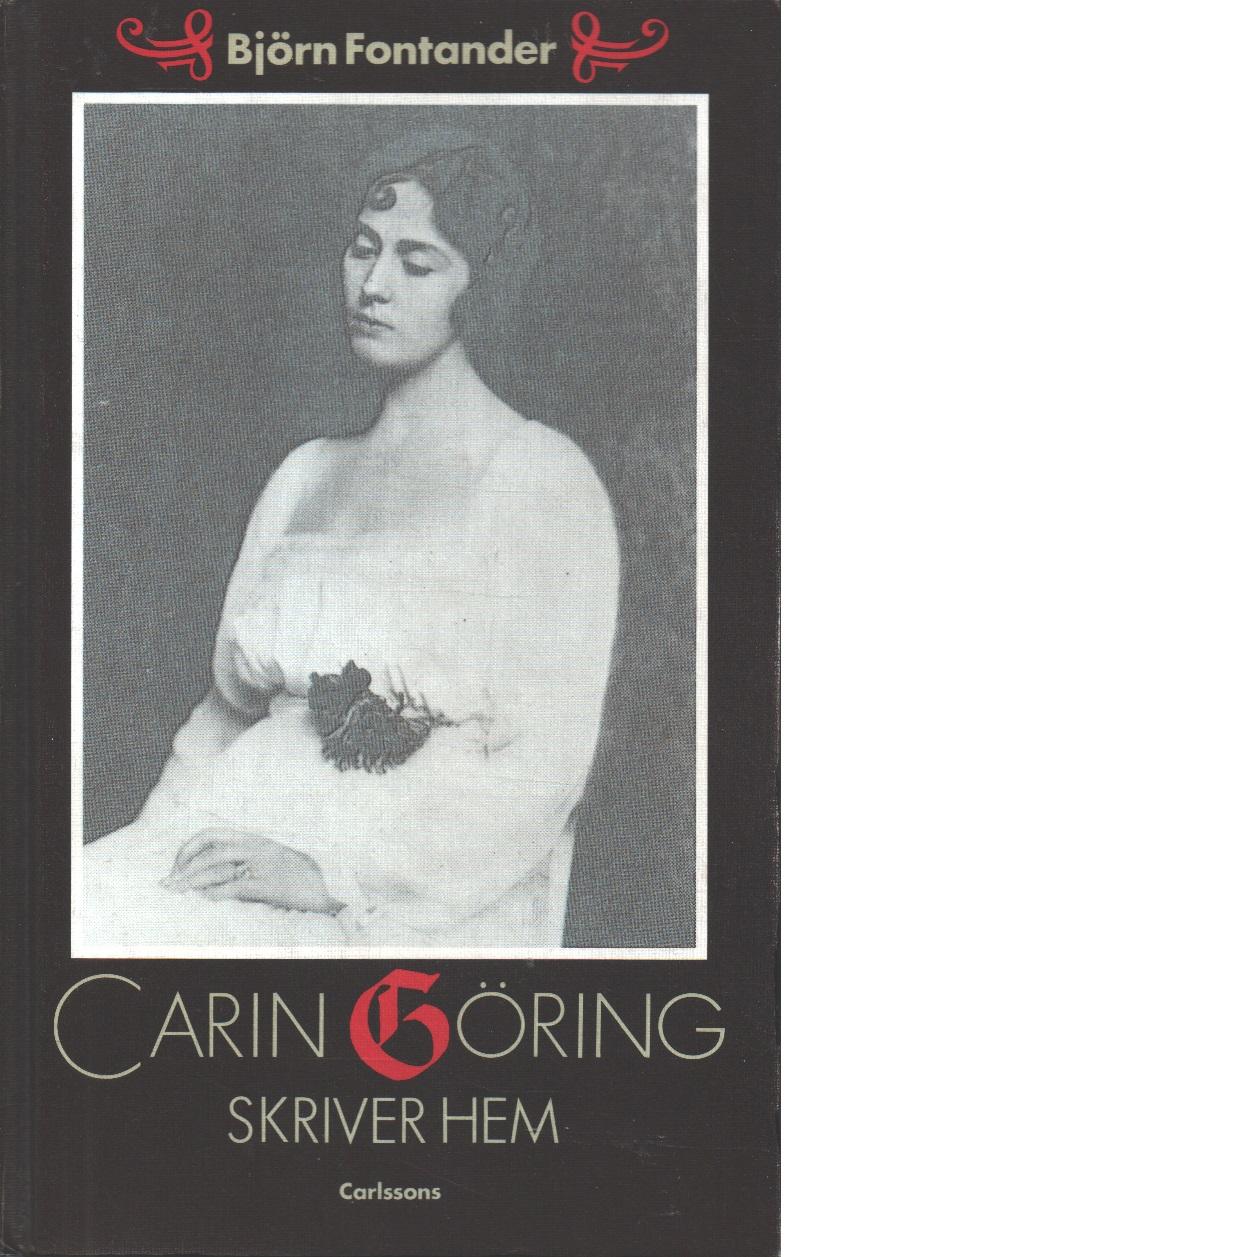 Carin Göring skriver hem - Fontander, Björn